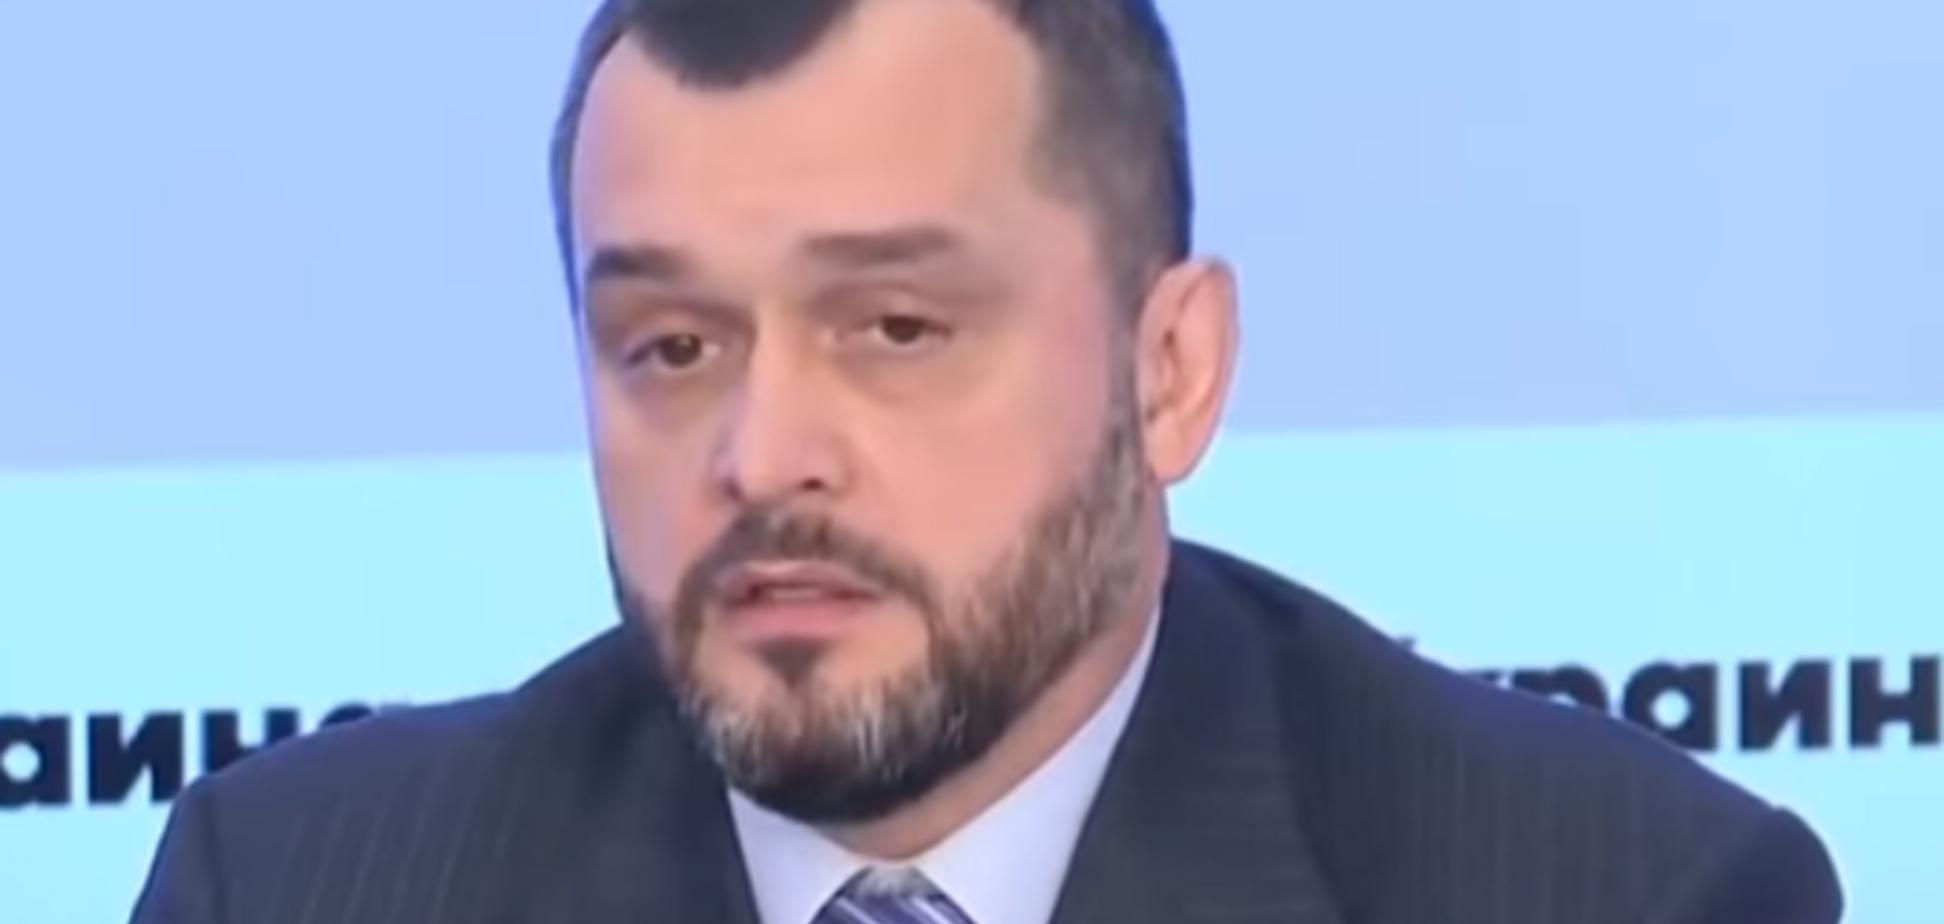 'Відривають від свого народу!' Міністр-кат Майдану згадав про 'братню' Росію